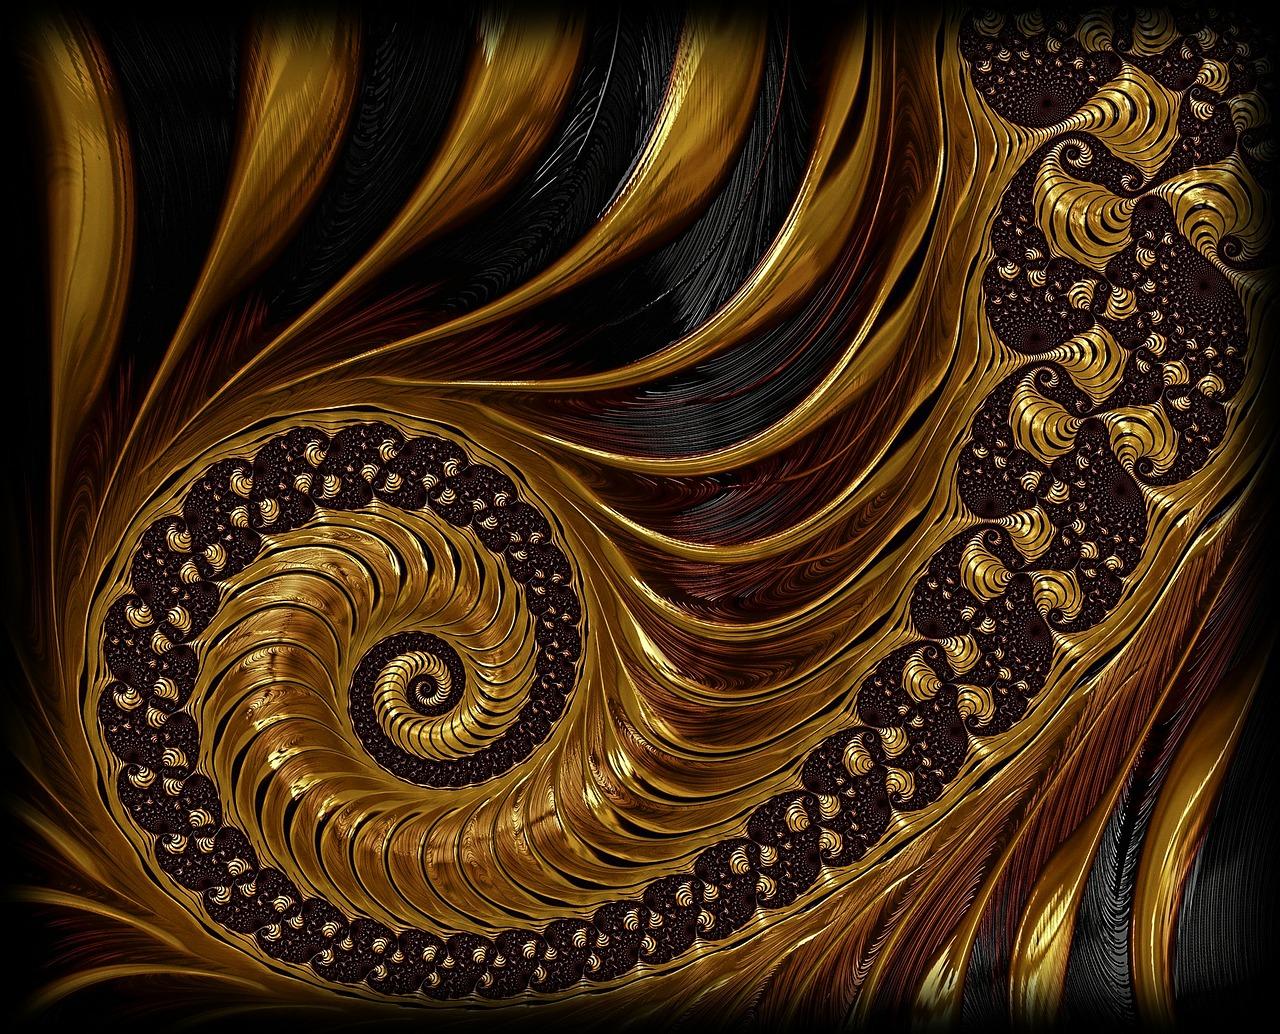 fractal ssild